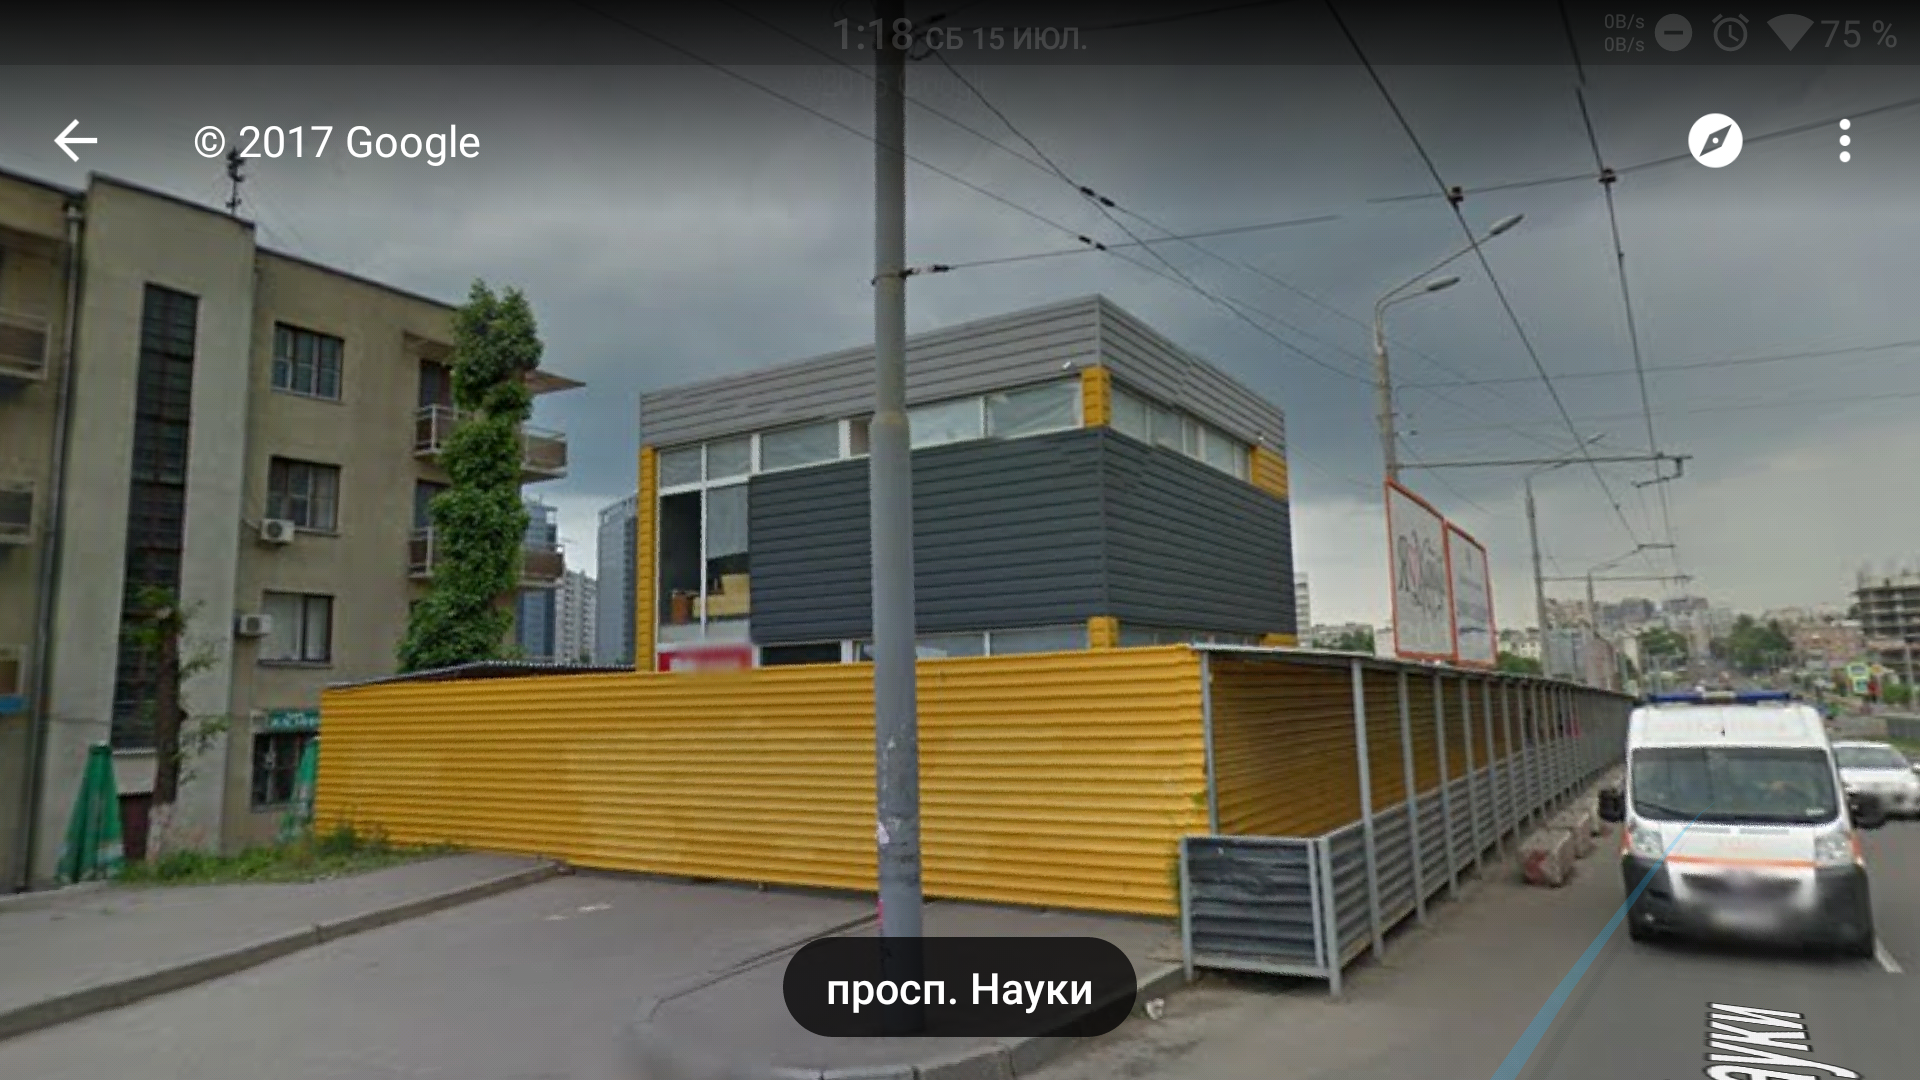 Недостроенную пятиэтажку подорвут в Харькове, - Нацполиция - Цензор.НЕТ 9860